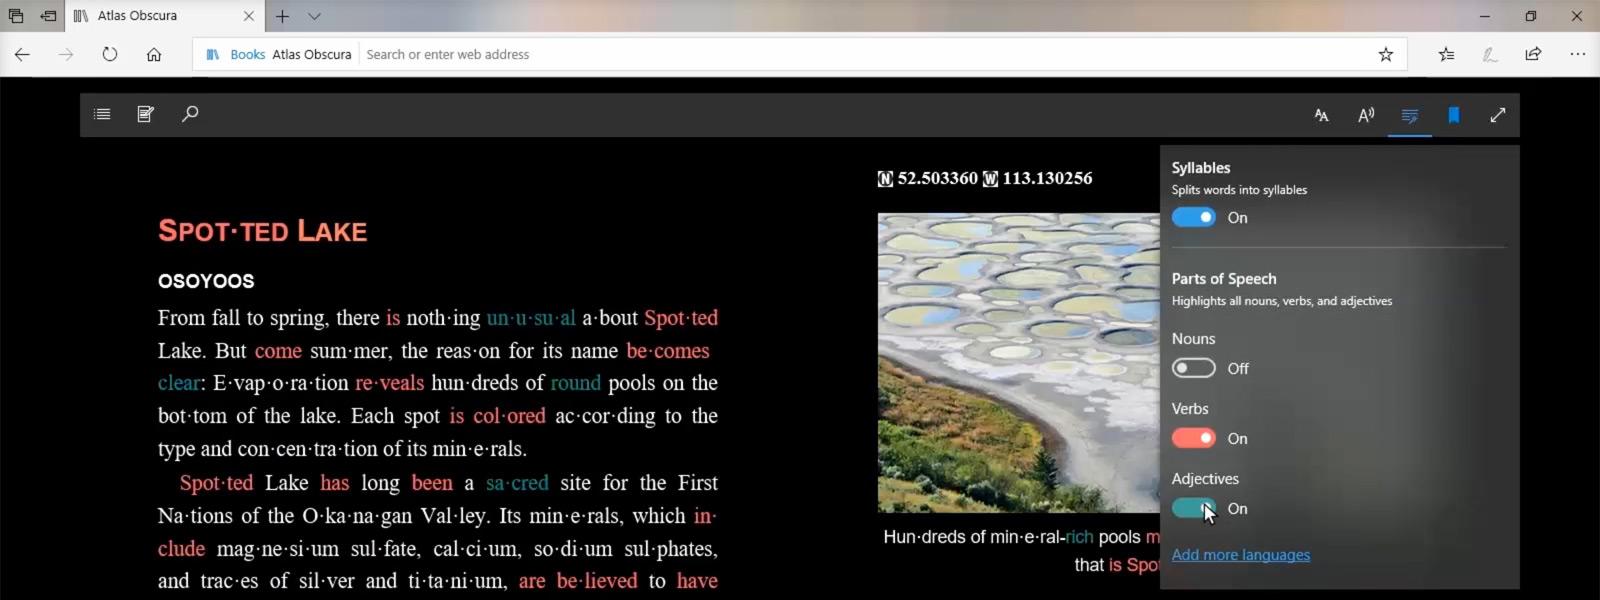 Image d'écran montrant de la fonctionnalité Outils d'apprentissage mettant en surbrillance les noms, les verbes et les adjectifs d'une page Web donnée